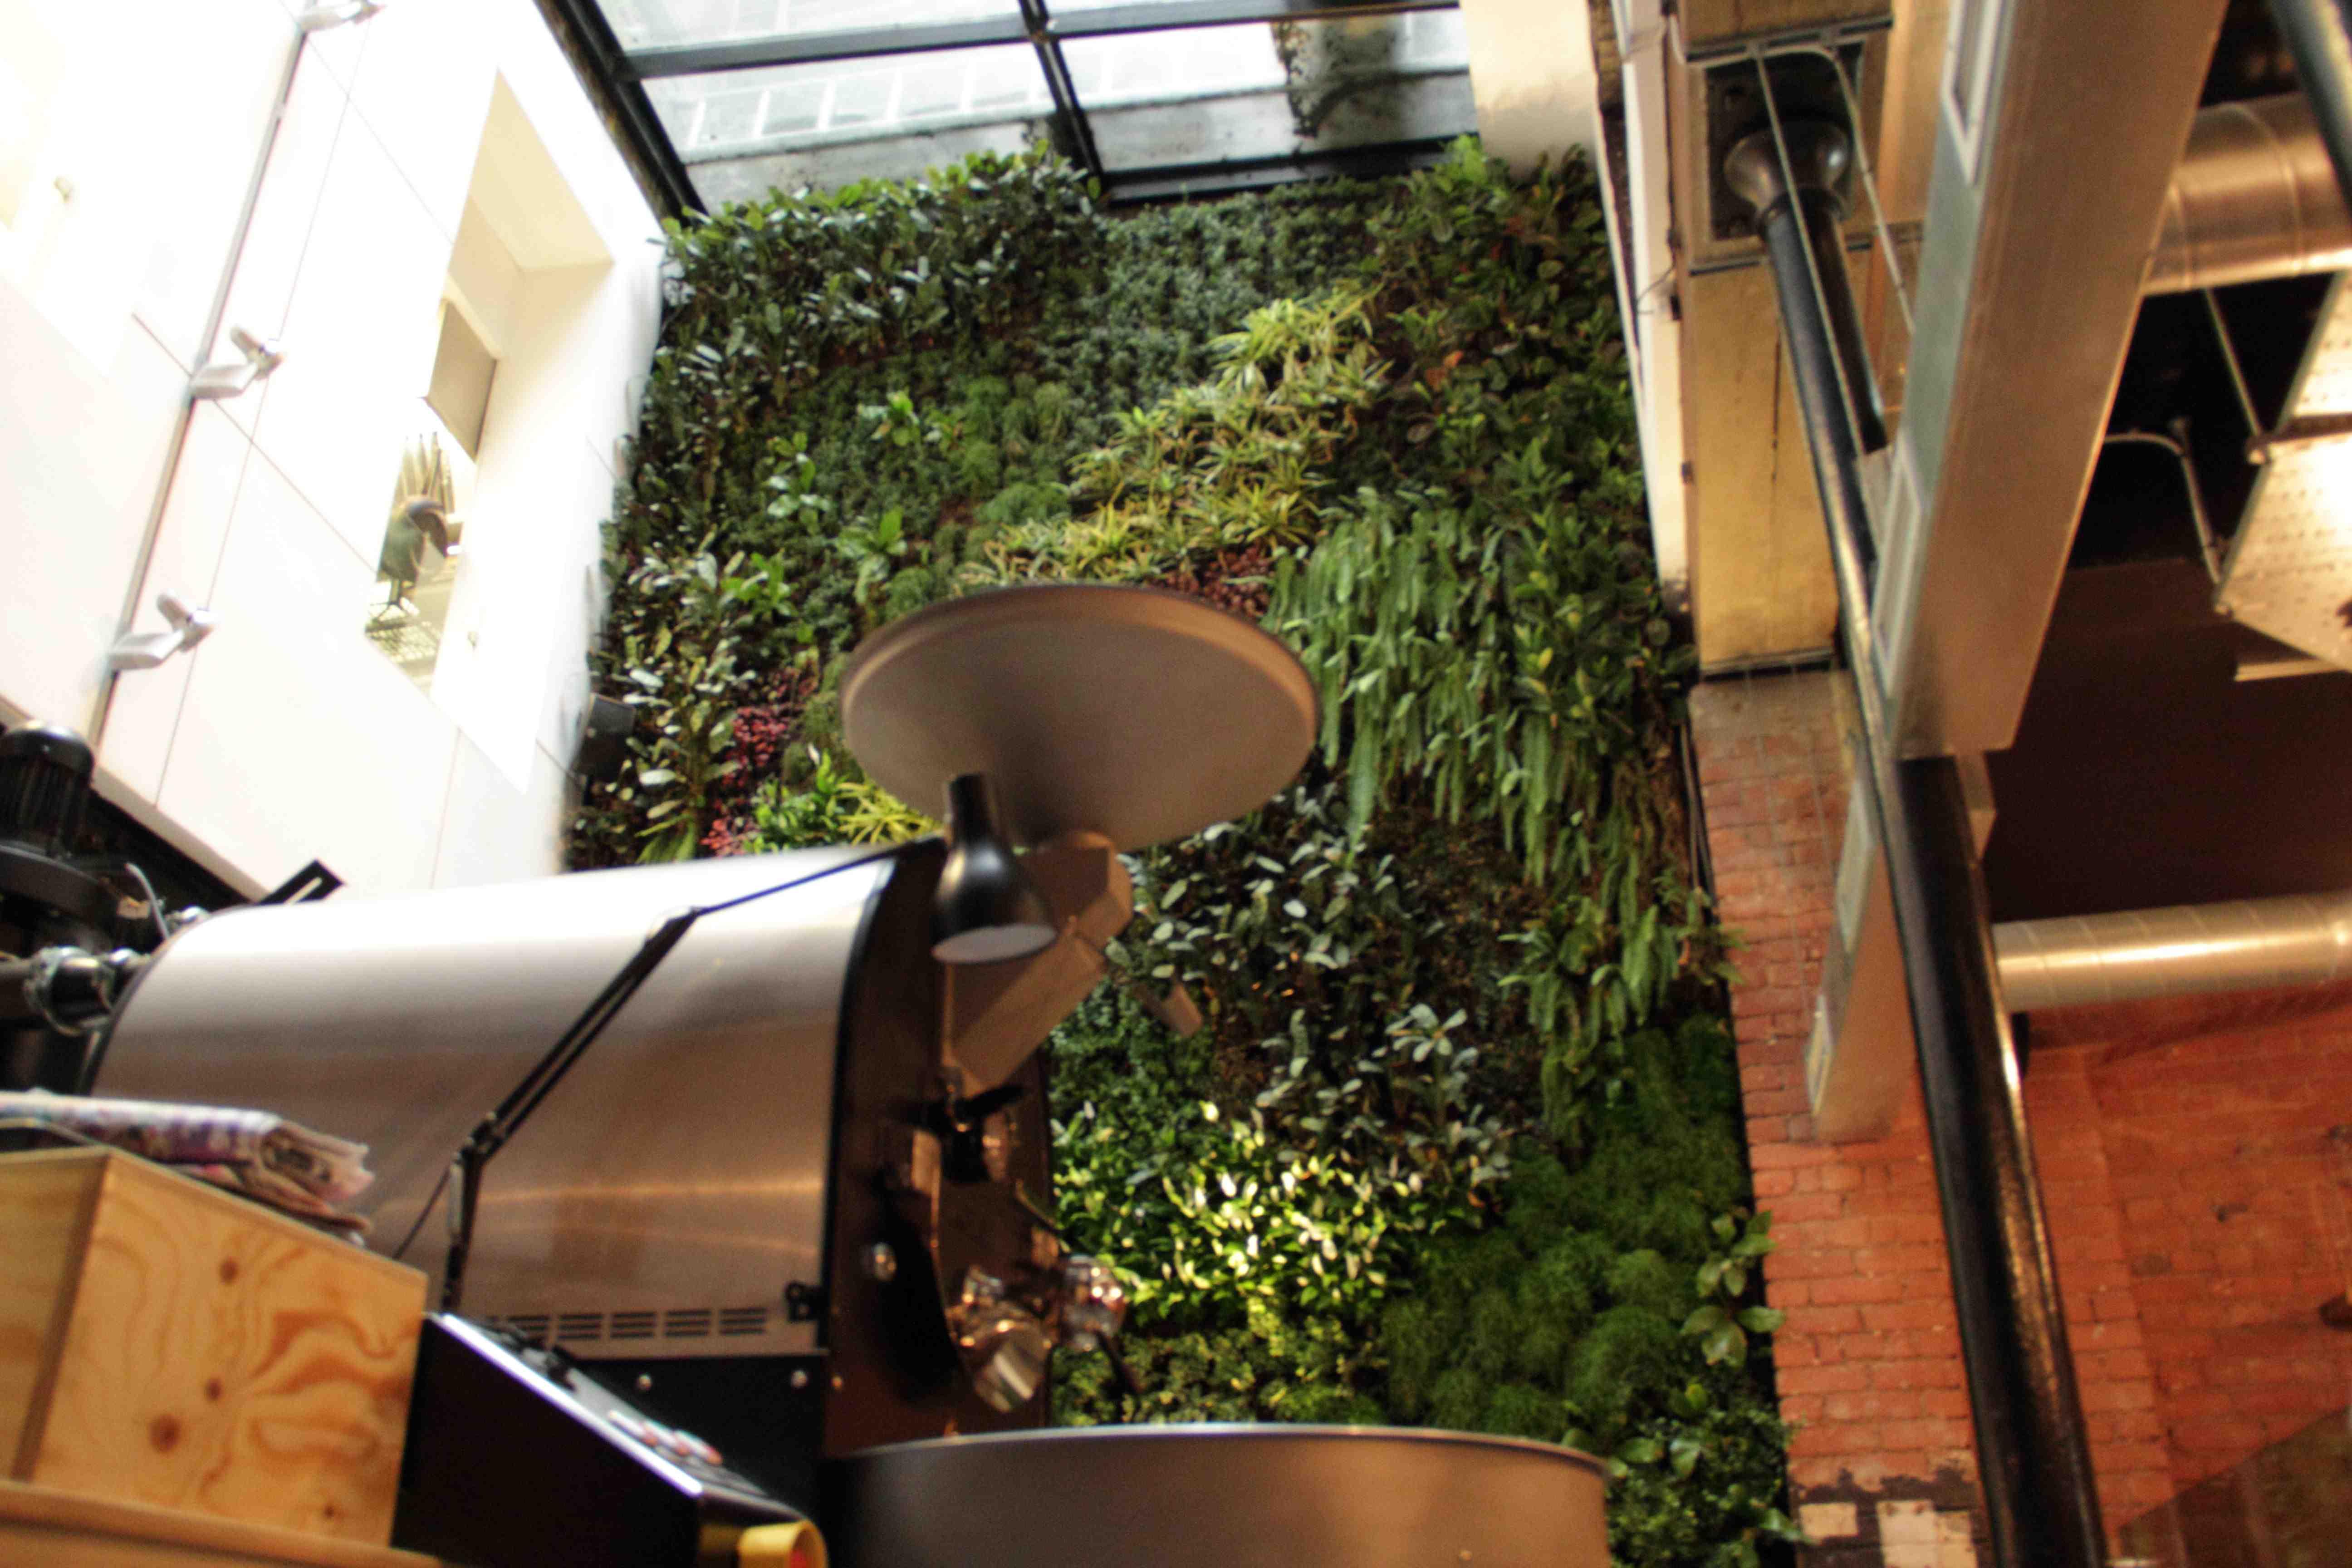 Iluminacion iluminacion exterior para jardin y fachadas - Iluminacion exterior jardin ...